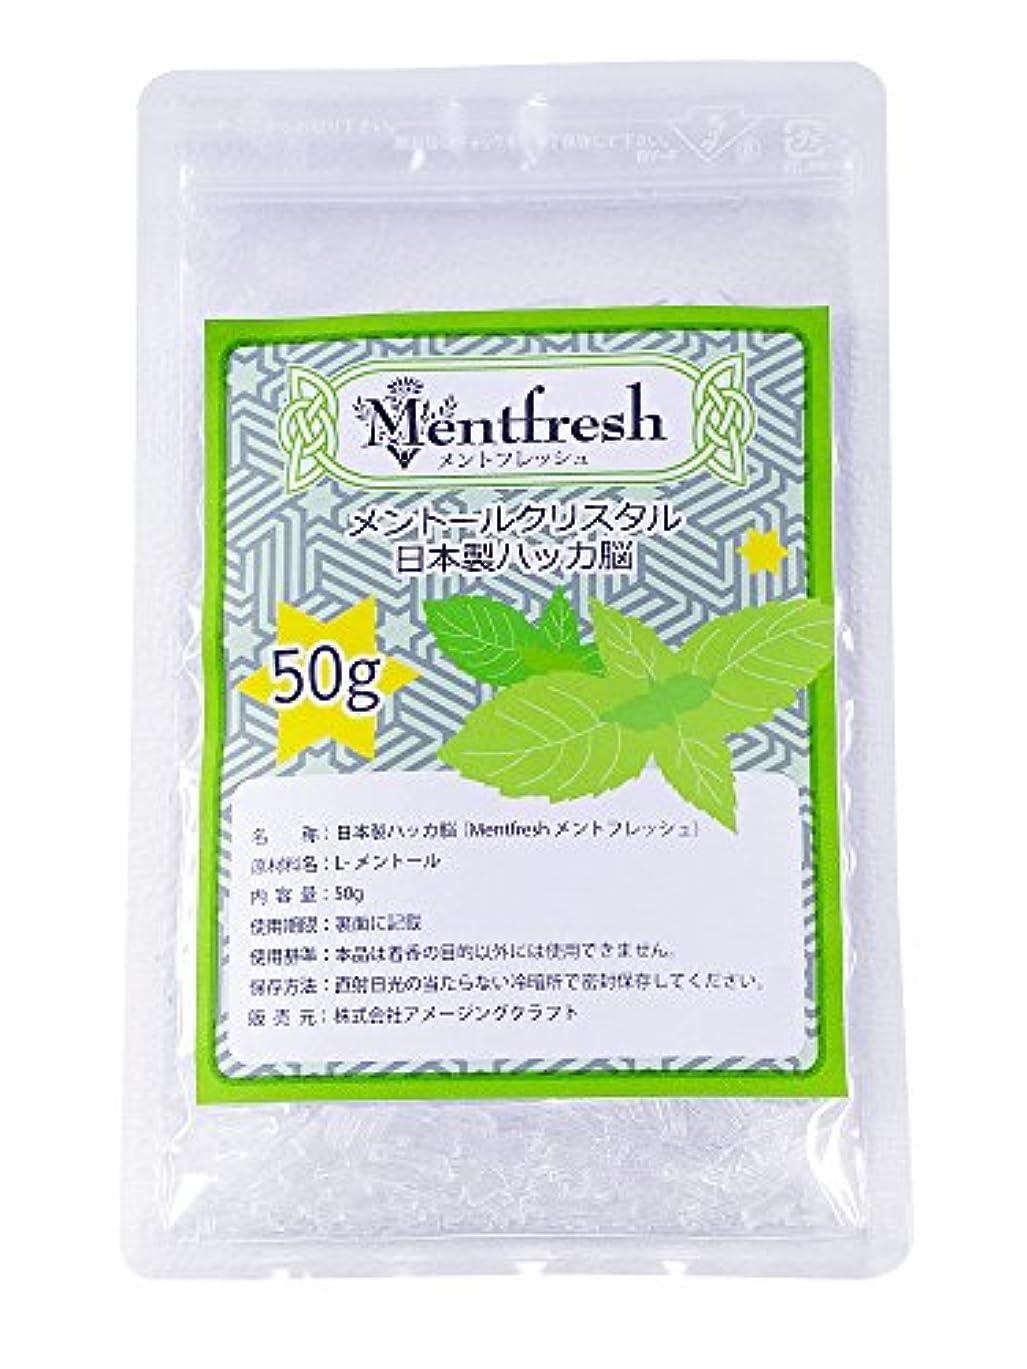 繊維ロック解除インク日本製 ハッカ結晶 メントフレッシュ メントールクリスタル (50g)